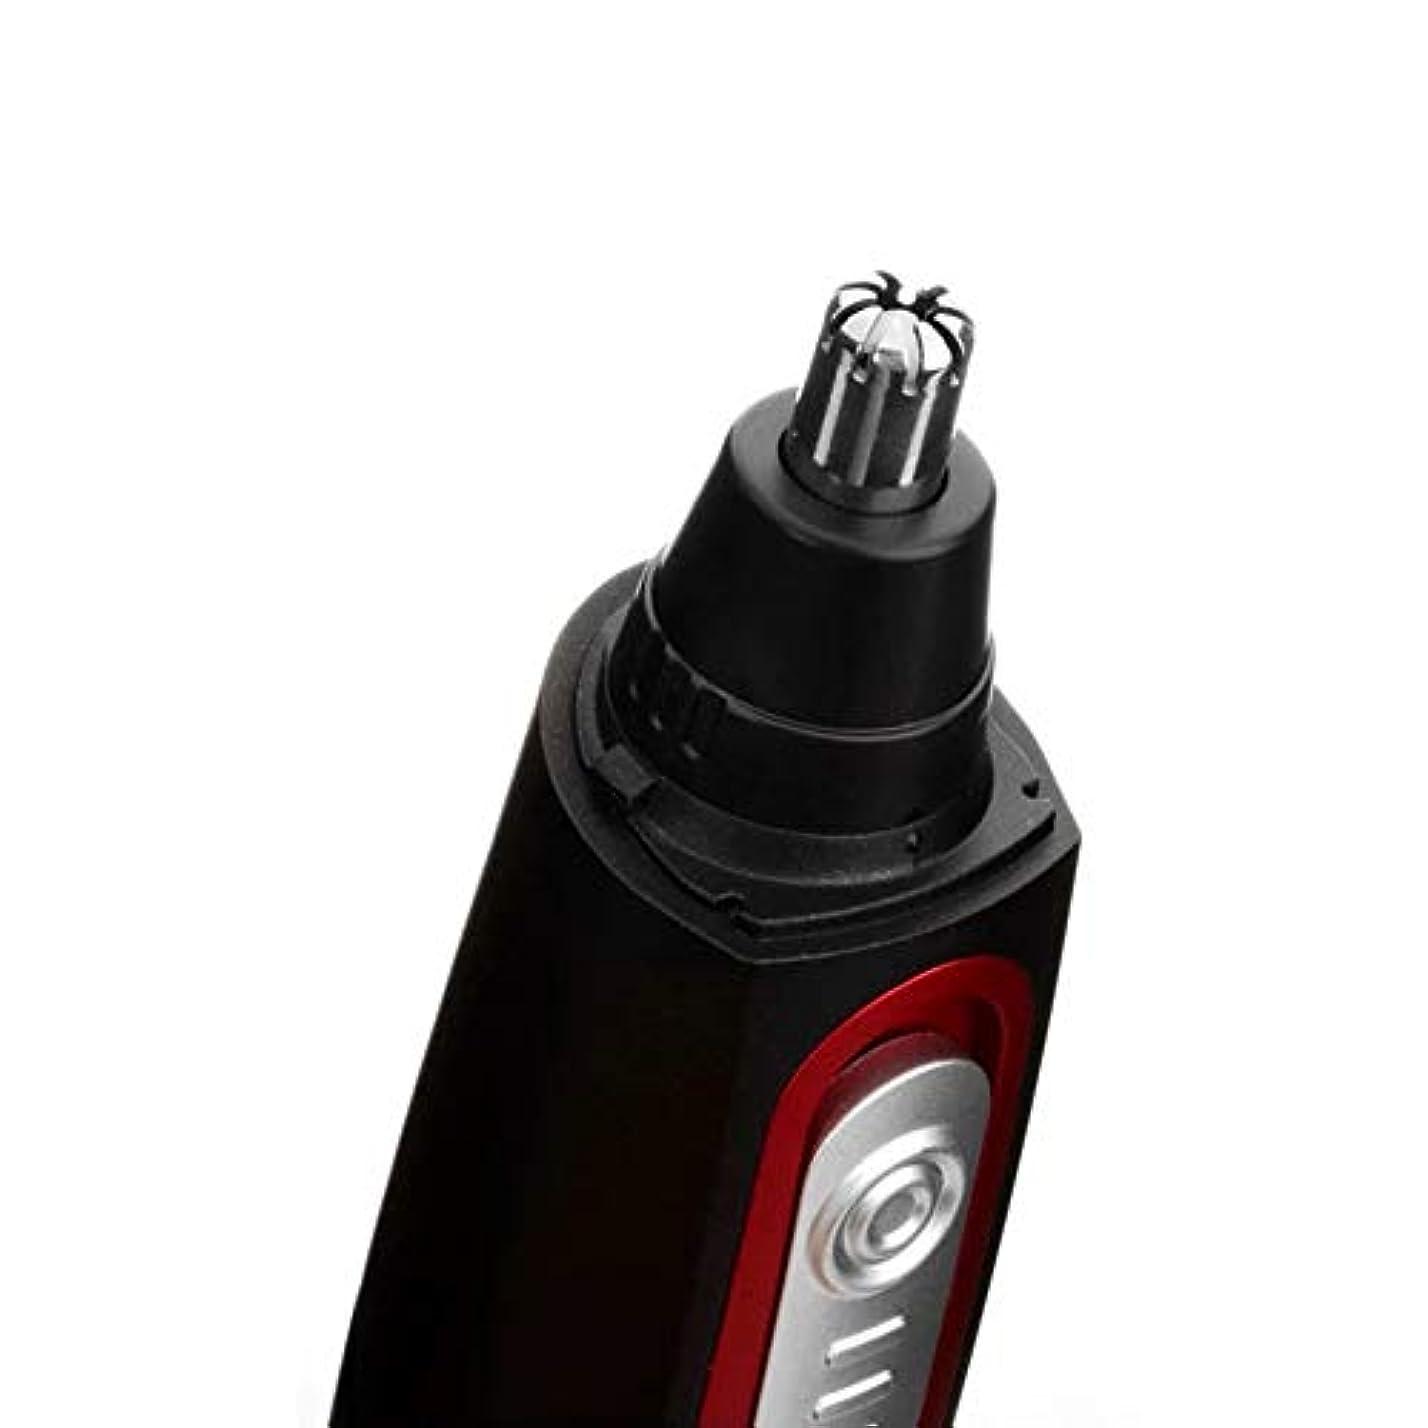 カレッジ貼り直す息切れノーズヘアトリマー/メンズシェービングノーズヘアスクレーピングノーズヘアハサミ/ 360°効果的なキャプチャー/三次元ロータリーカッターヘッドデザイン/ 14cm 操作が簡単